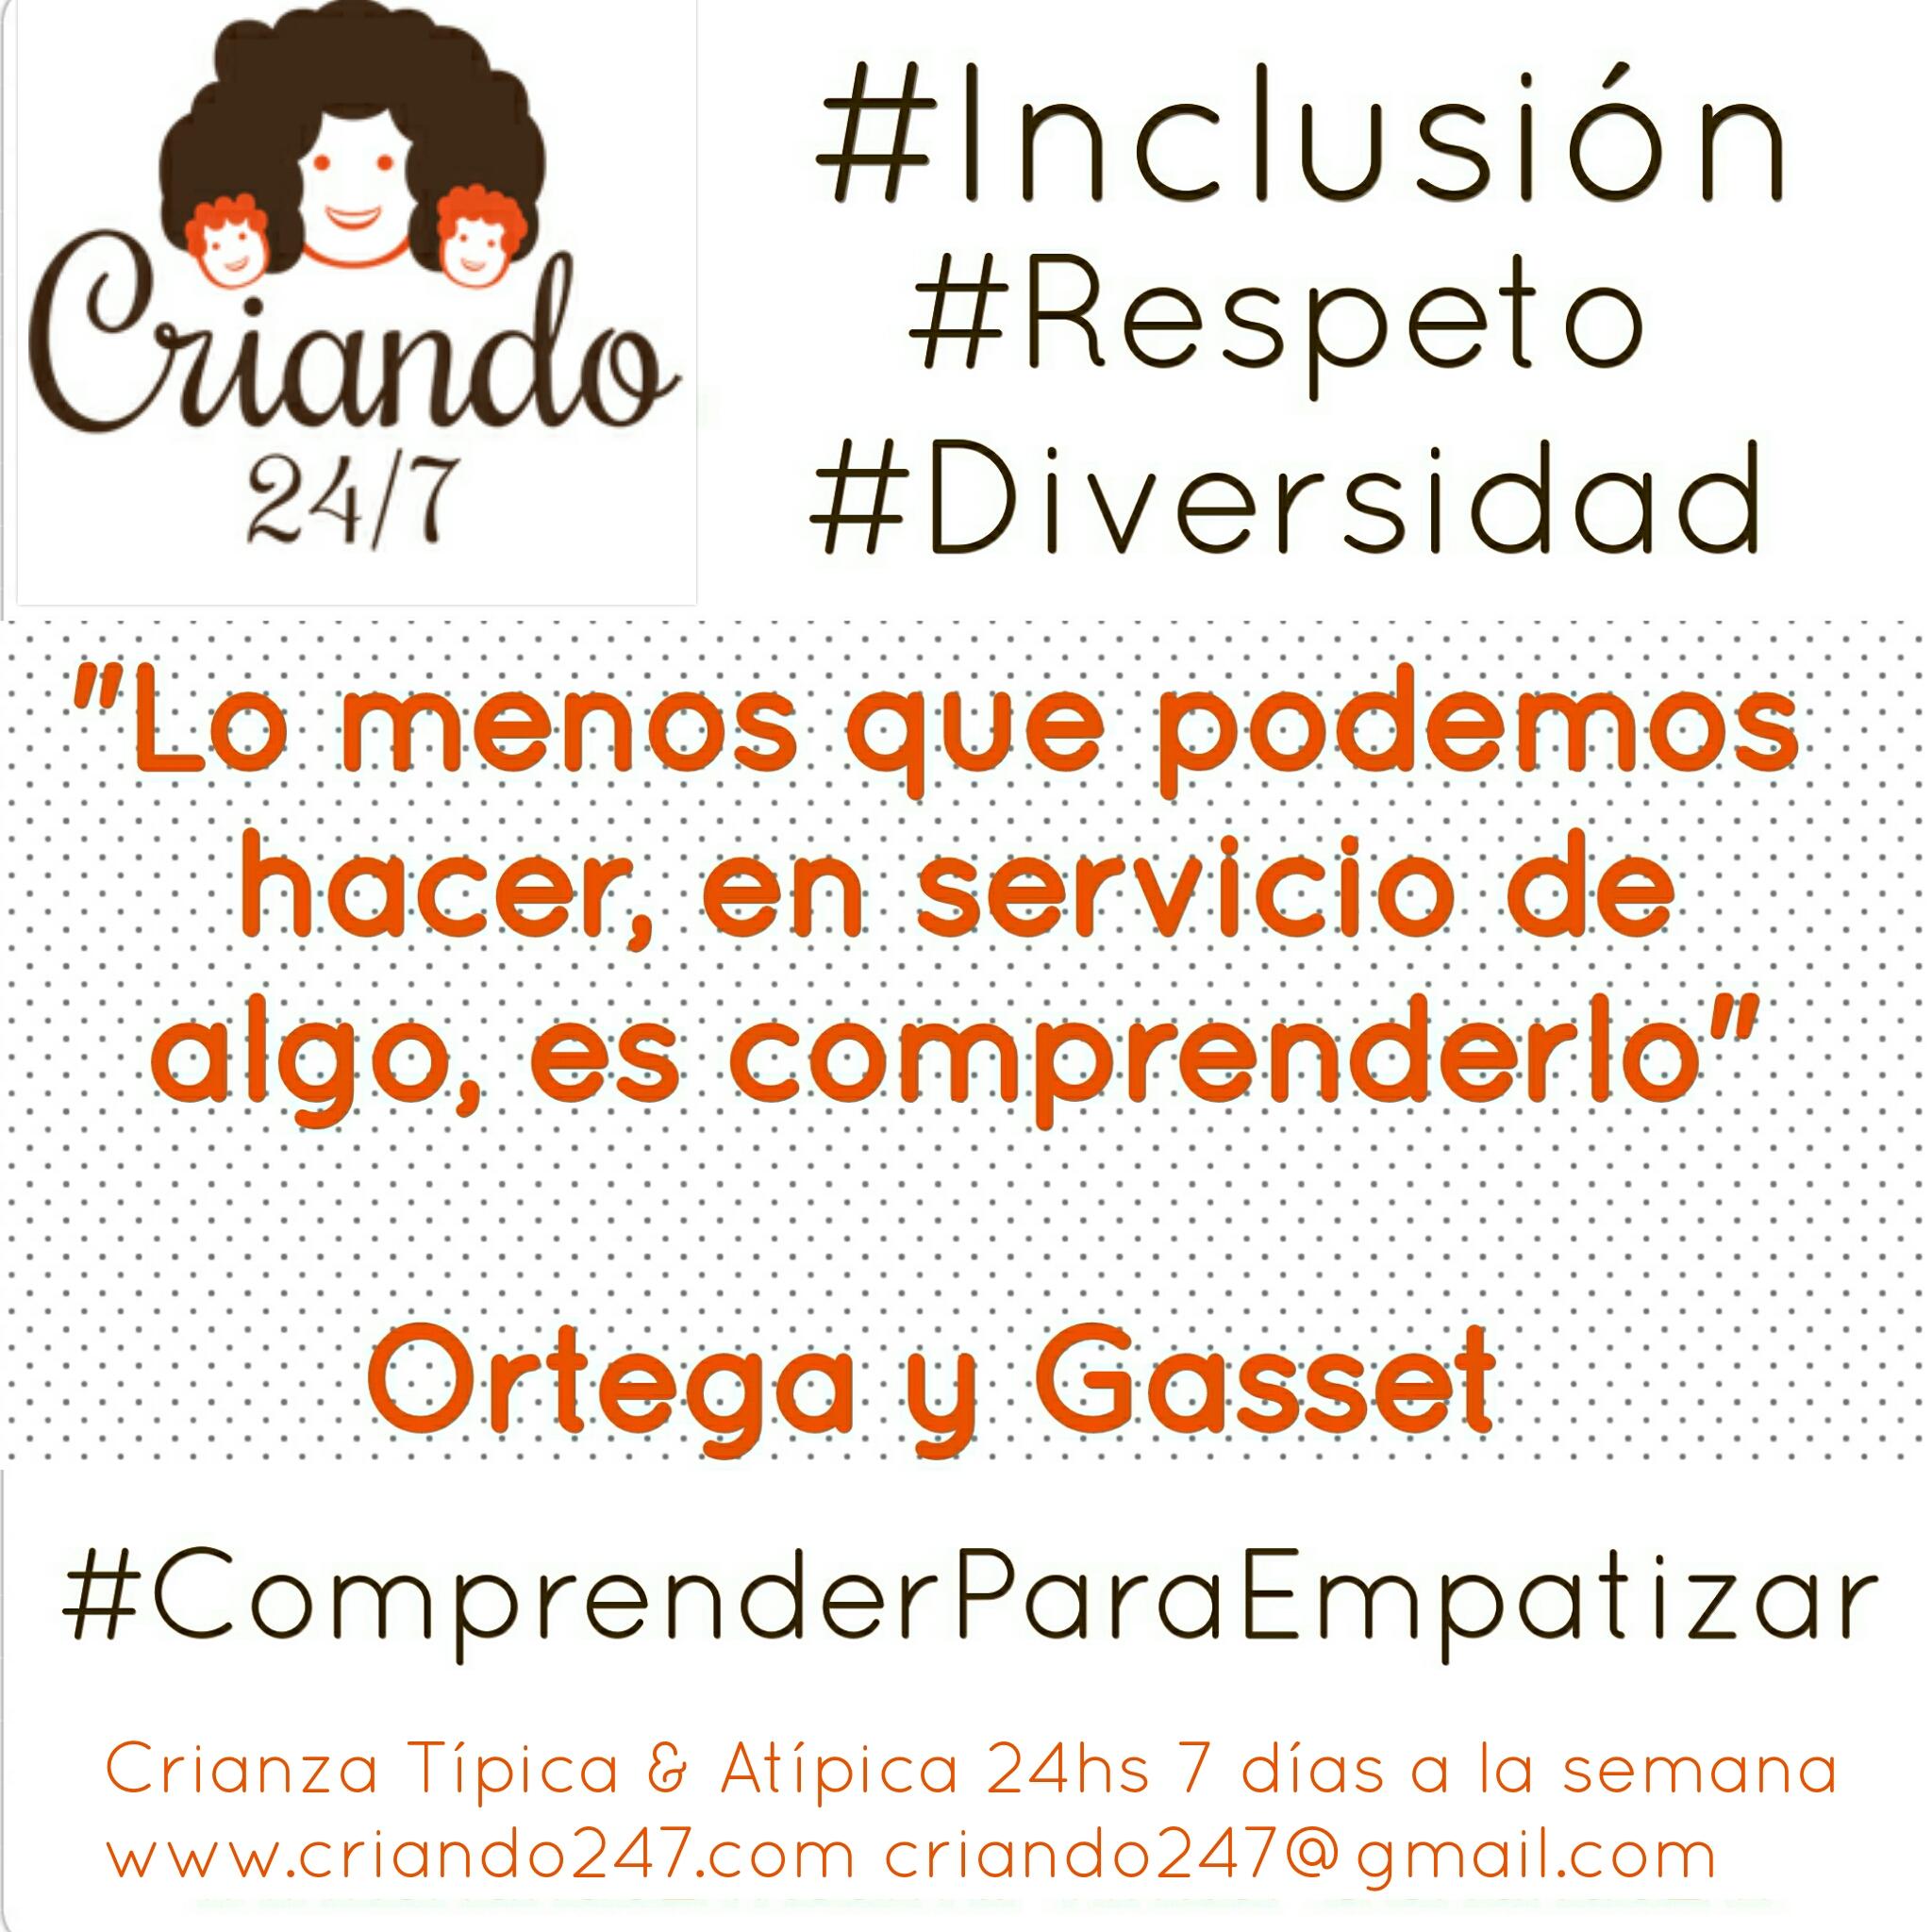 lo menos que podemos hacer, en servicio de algo, es comprenderlo. Ortega y Gasset.